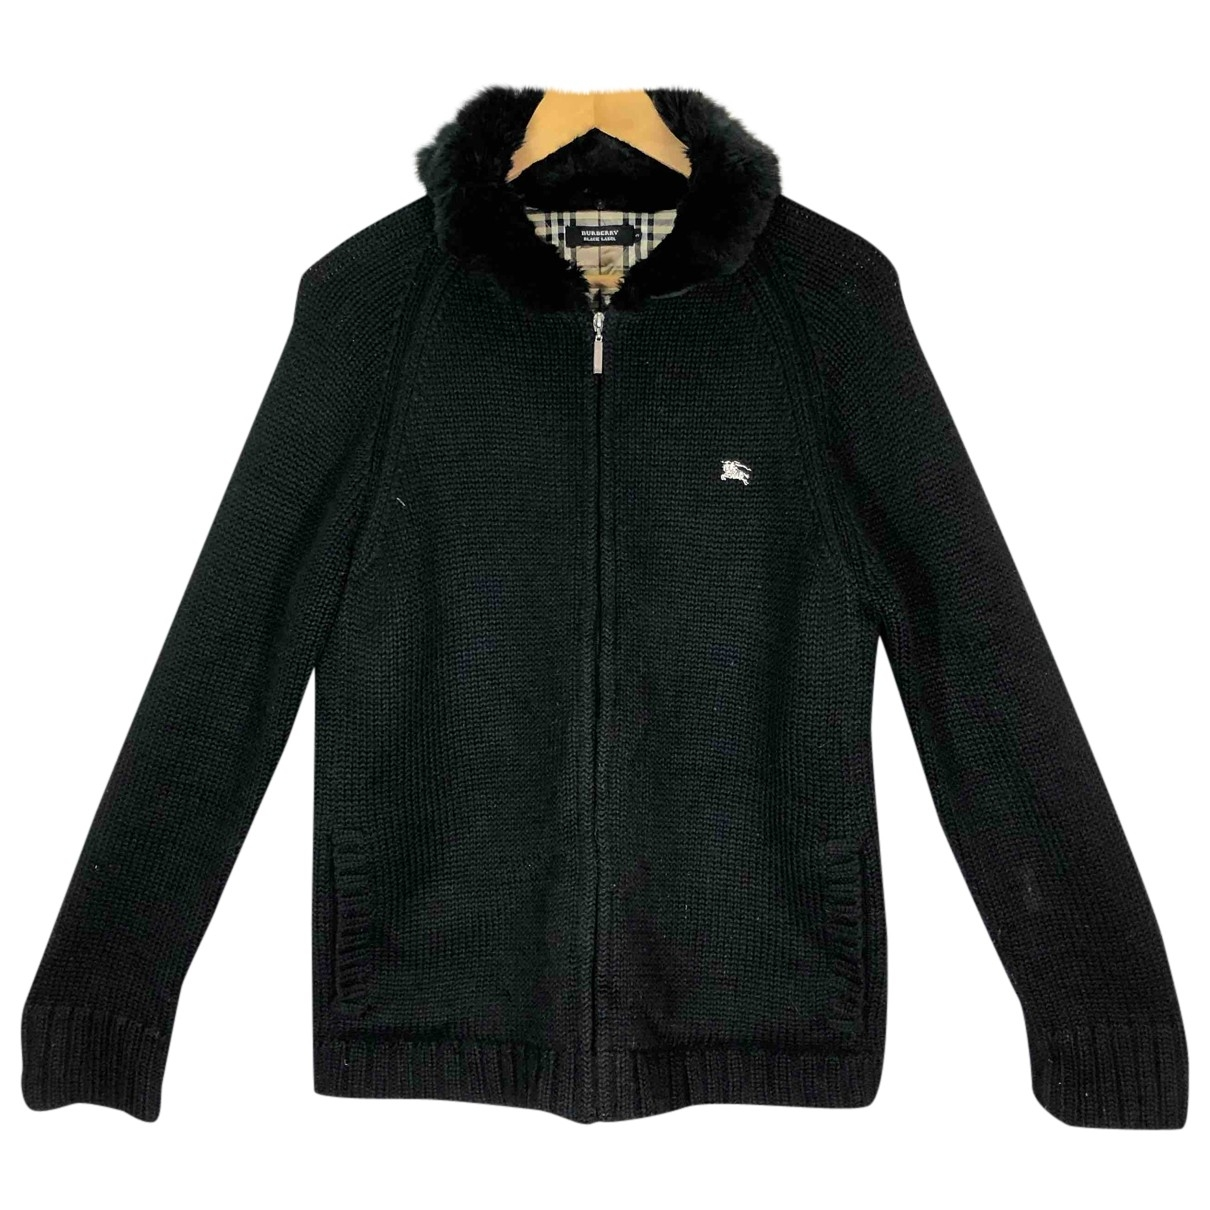 Burberry \N Jacke in  Schwarz Wolle